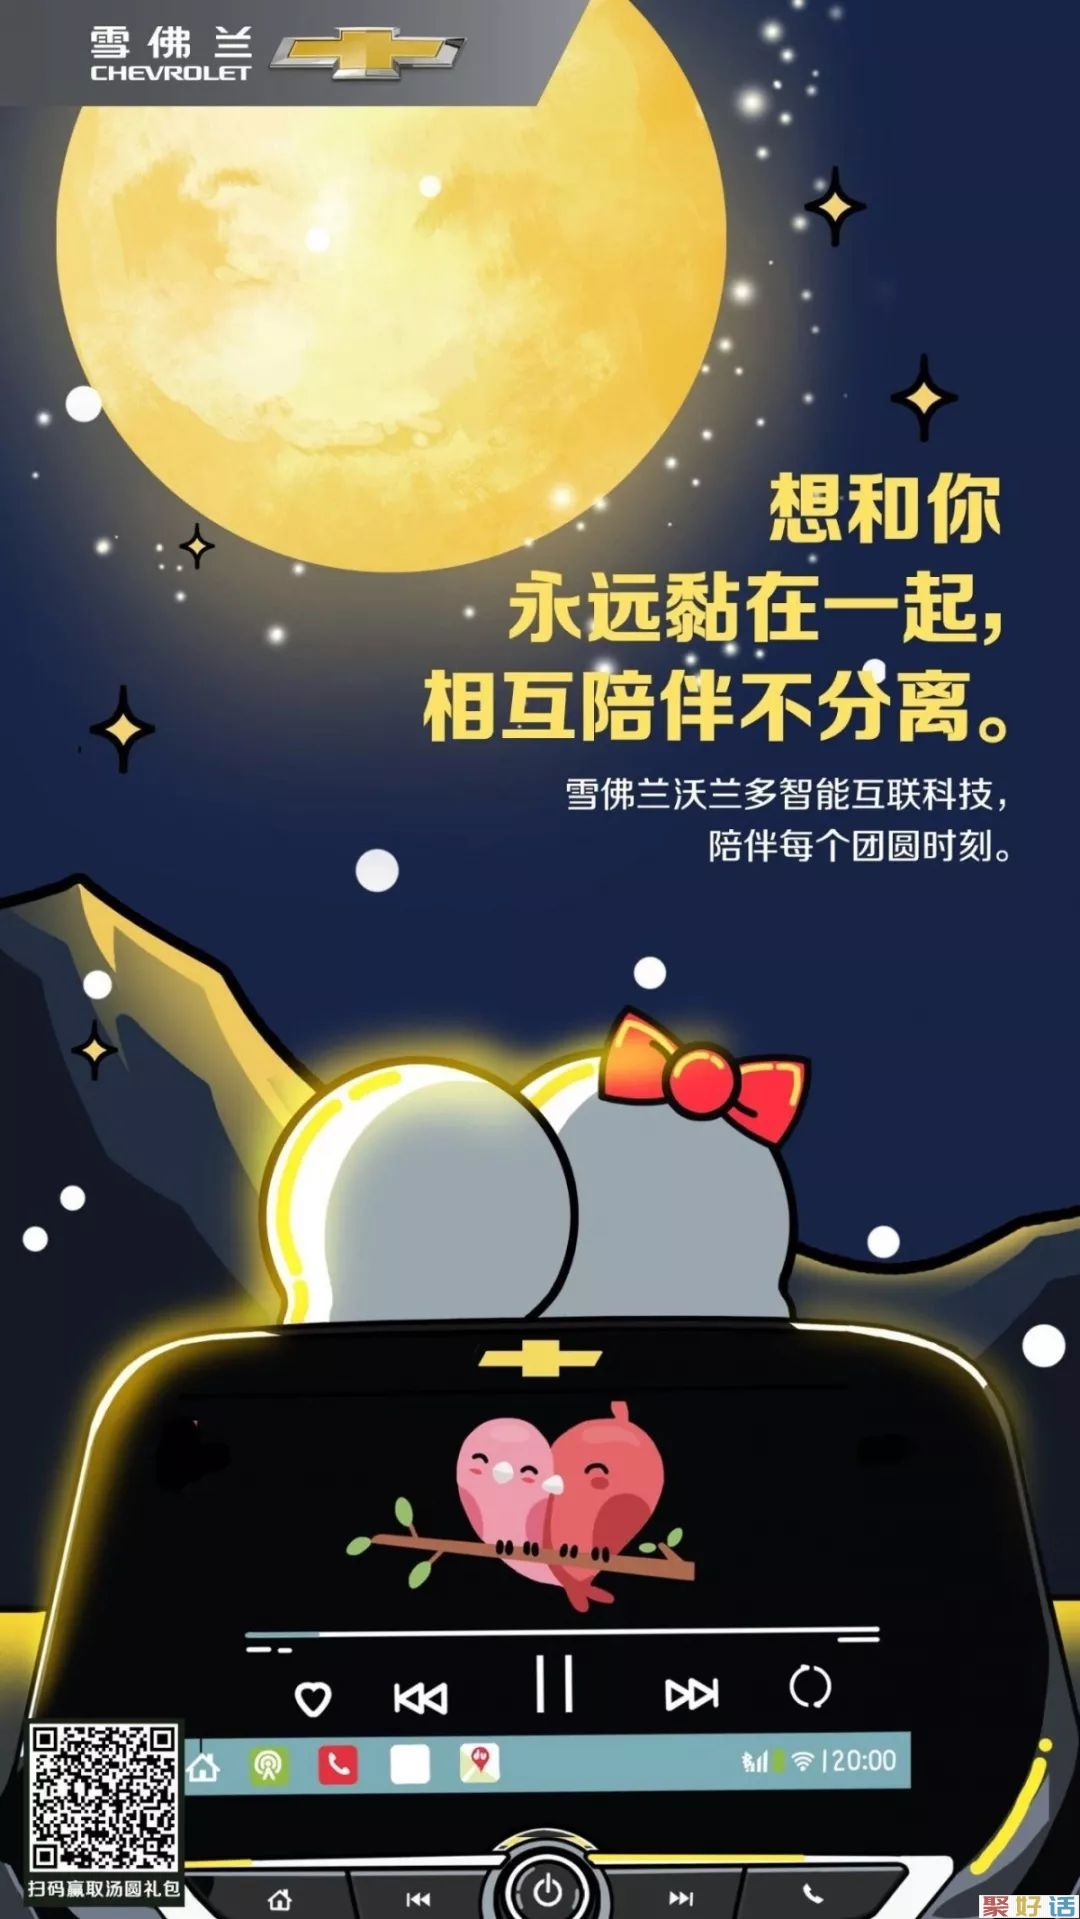 元宵节 | 祝福文案:尽享团圆,诸事圆满!插图23